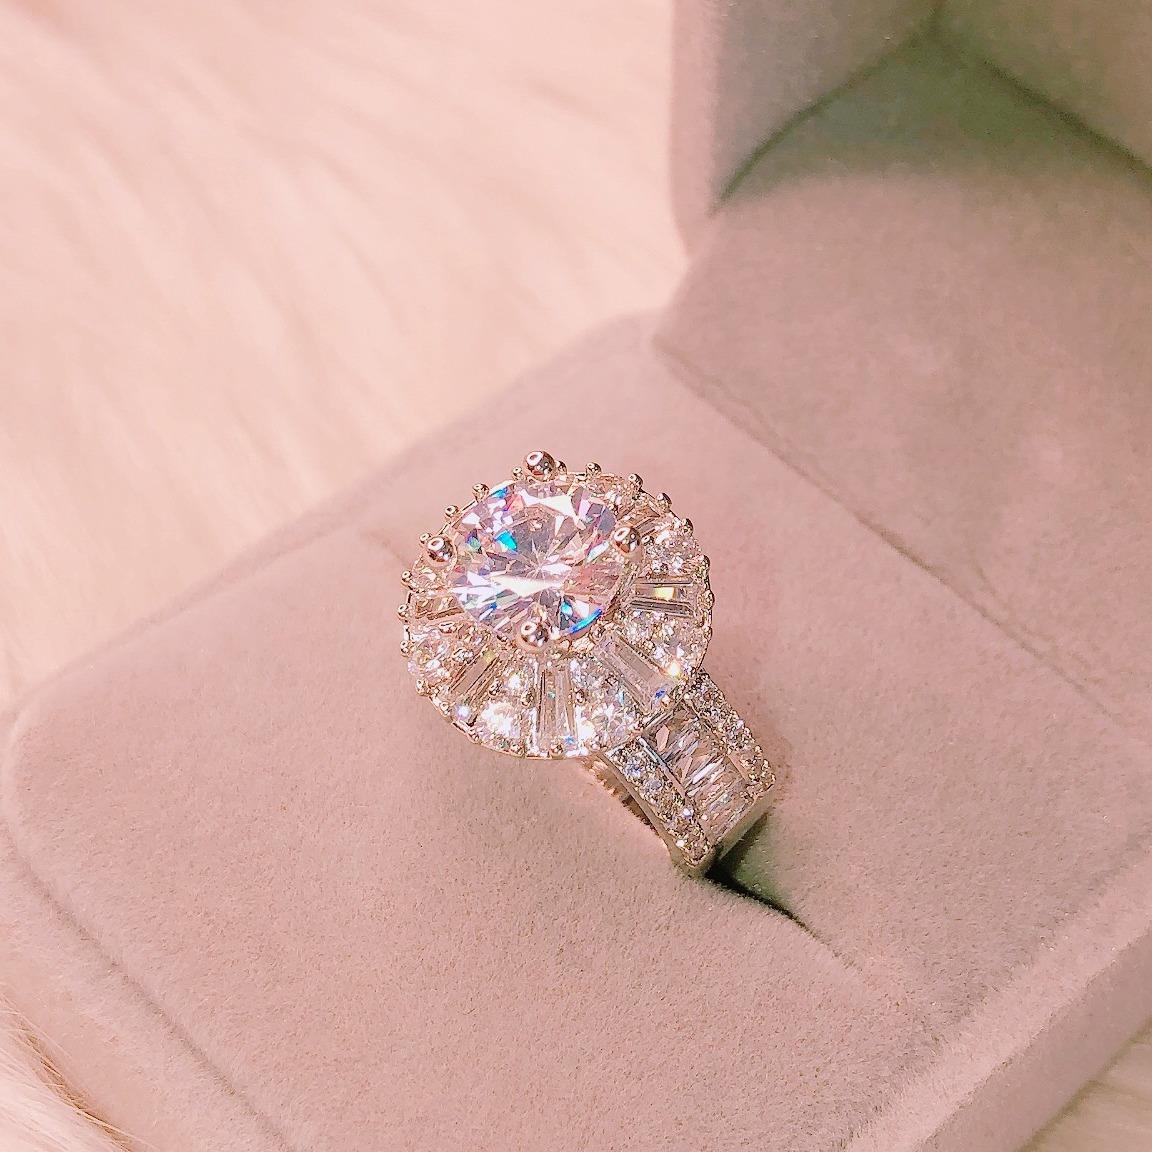 [HCM]Nhẫn bạch kim nữ nhẫn nữ đá pha lê kim tiền cao cấp thiết kế thời thượng sang chảnh Trang Sức Gami N118-đeo đi tiệc đi chơi đi đám cưới xinh xắn đáng yêu CAM KẾT KHÔNG ĐEN 1 ĐỔI 1 NẾU KHÔNG HÀI LÒNG